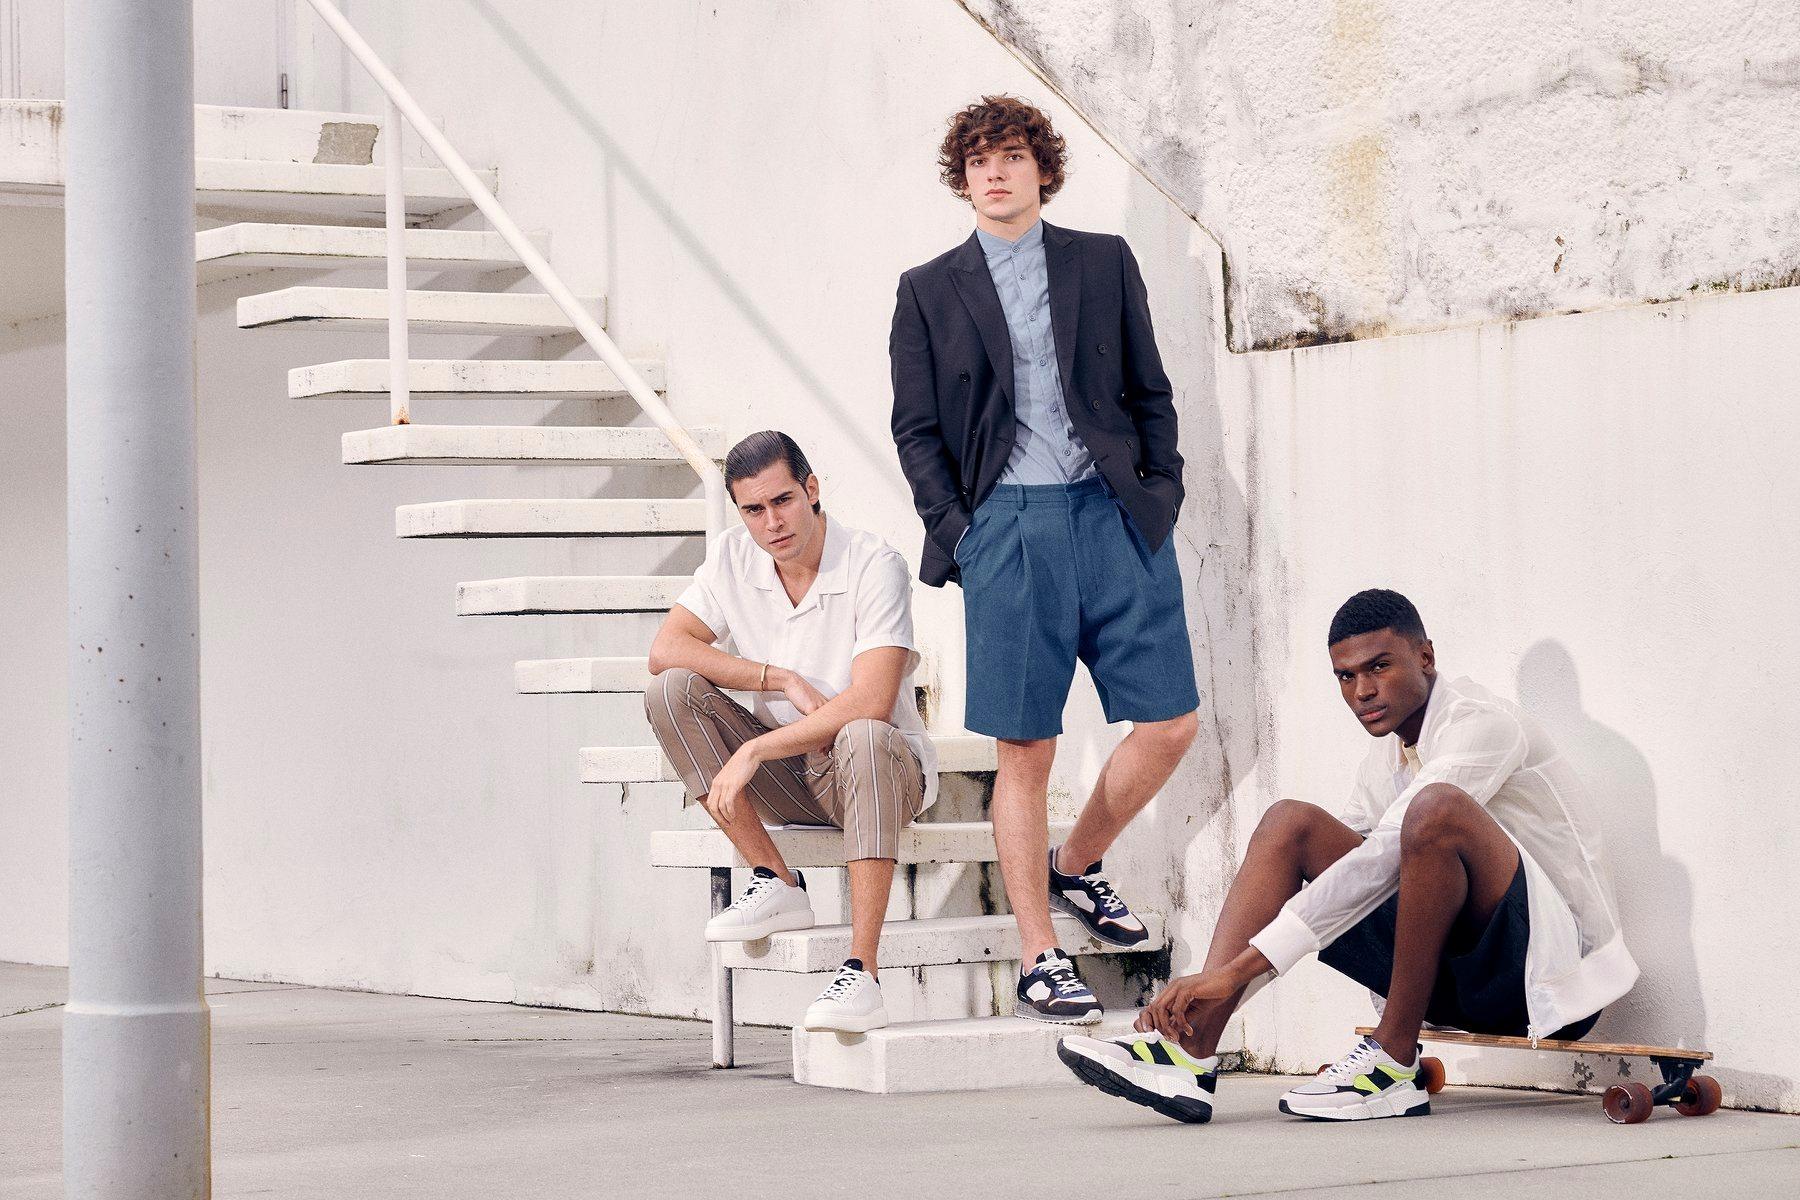 Ambitious, marca portuguesa, calçado, roupa